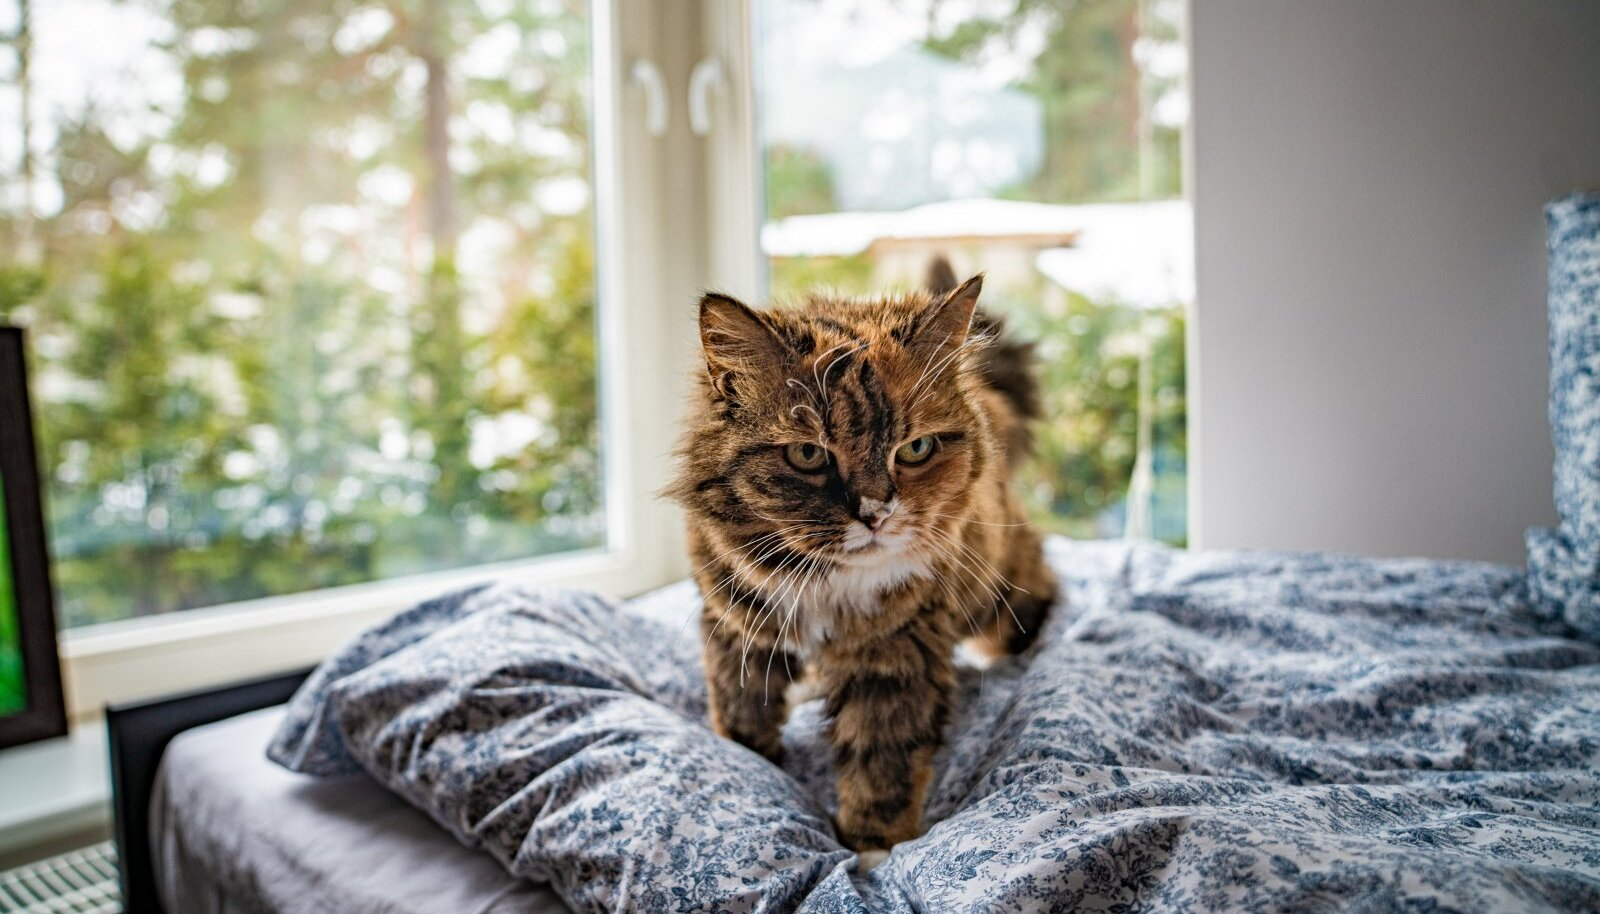 """Proua Salme kõrge vanus paneb kõiki alati ahhetama: """"Ta on ju nii väike ja armas!"""" või """"Kas nii vana kassi üldse kellelgi on?"""""""